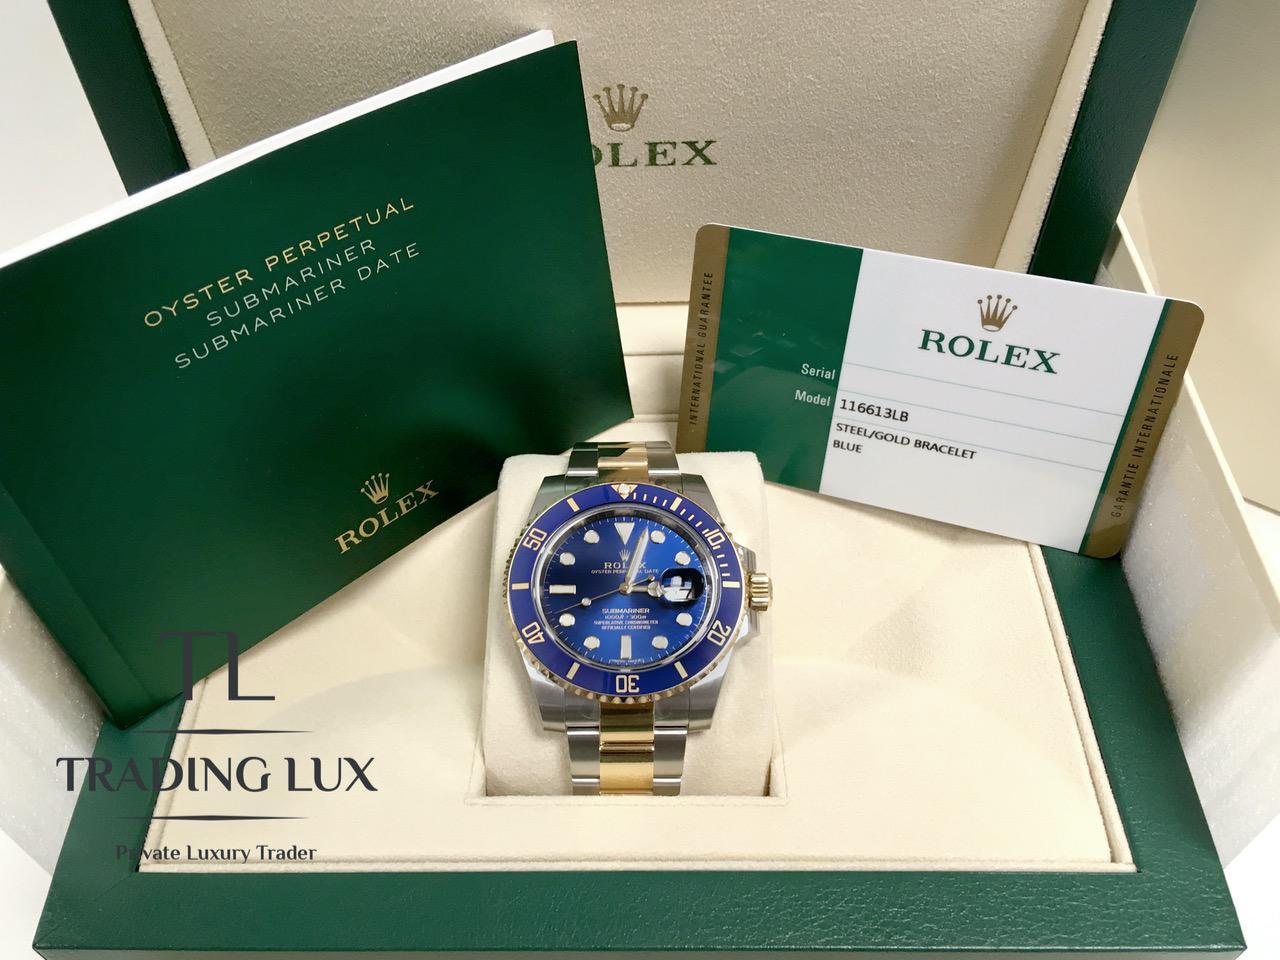 Rolex-Submariner-Date-116613LB-1